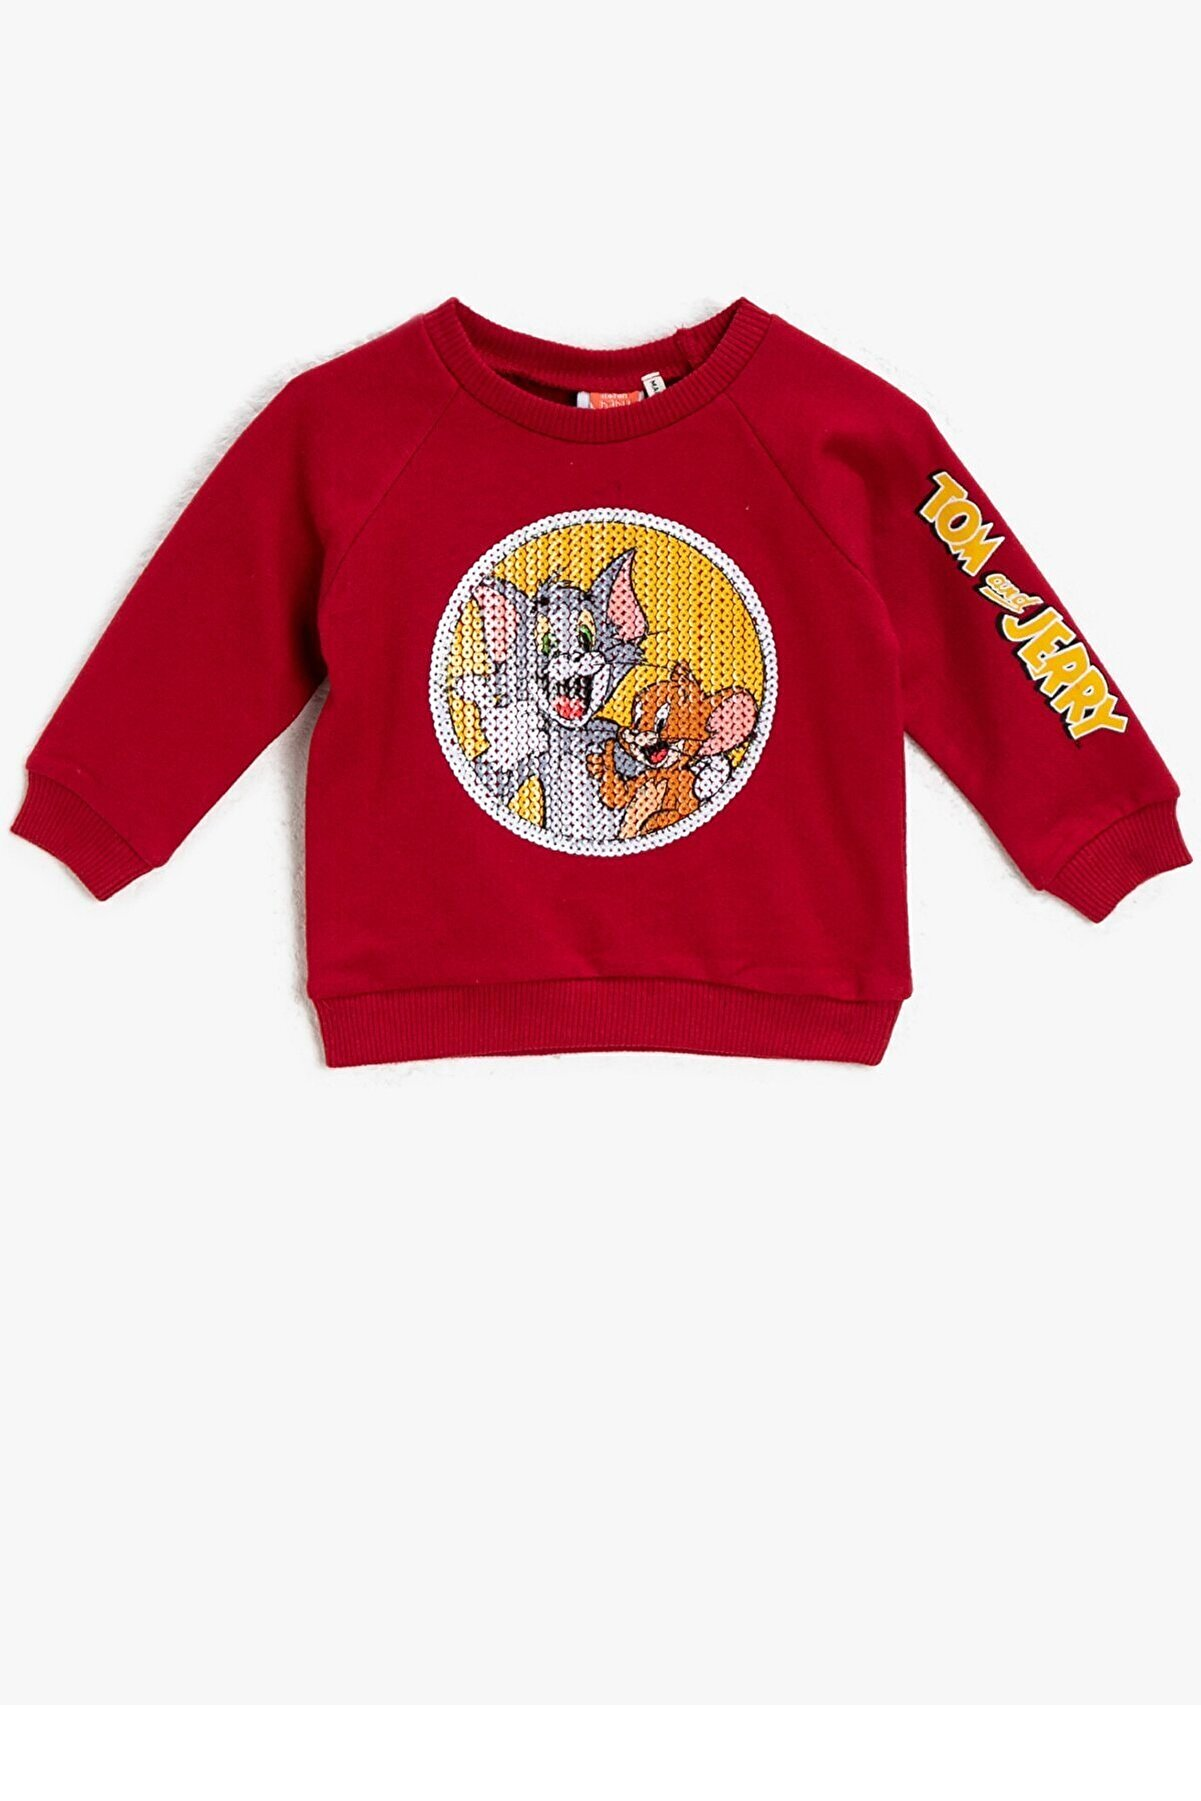 Koton Koton Erkek Bebek Tom&jerry Lisanslı Pullu Kırmızı Sweatshirt 1kmb18735tk